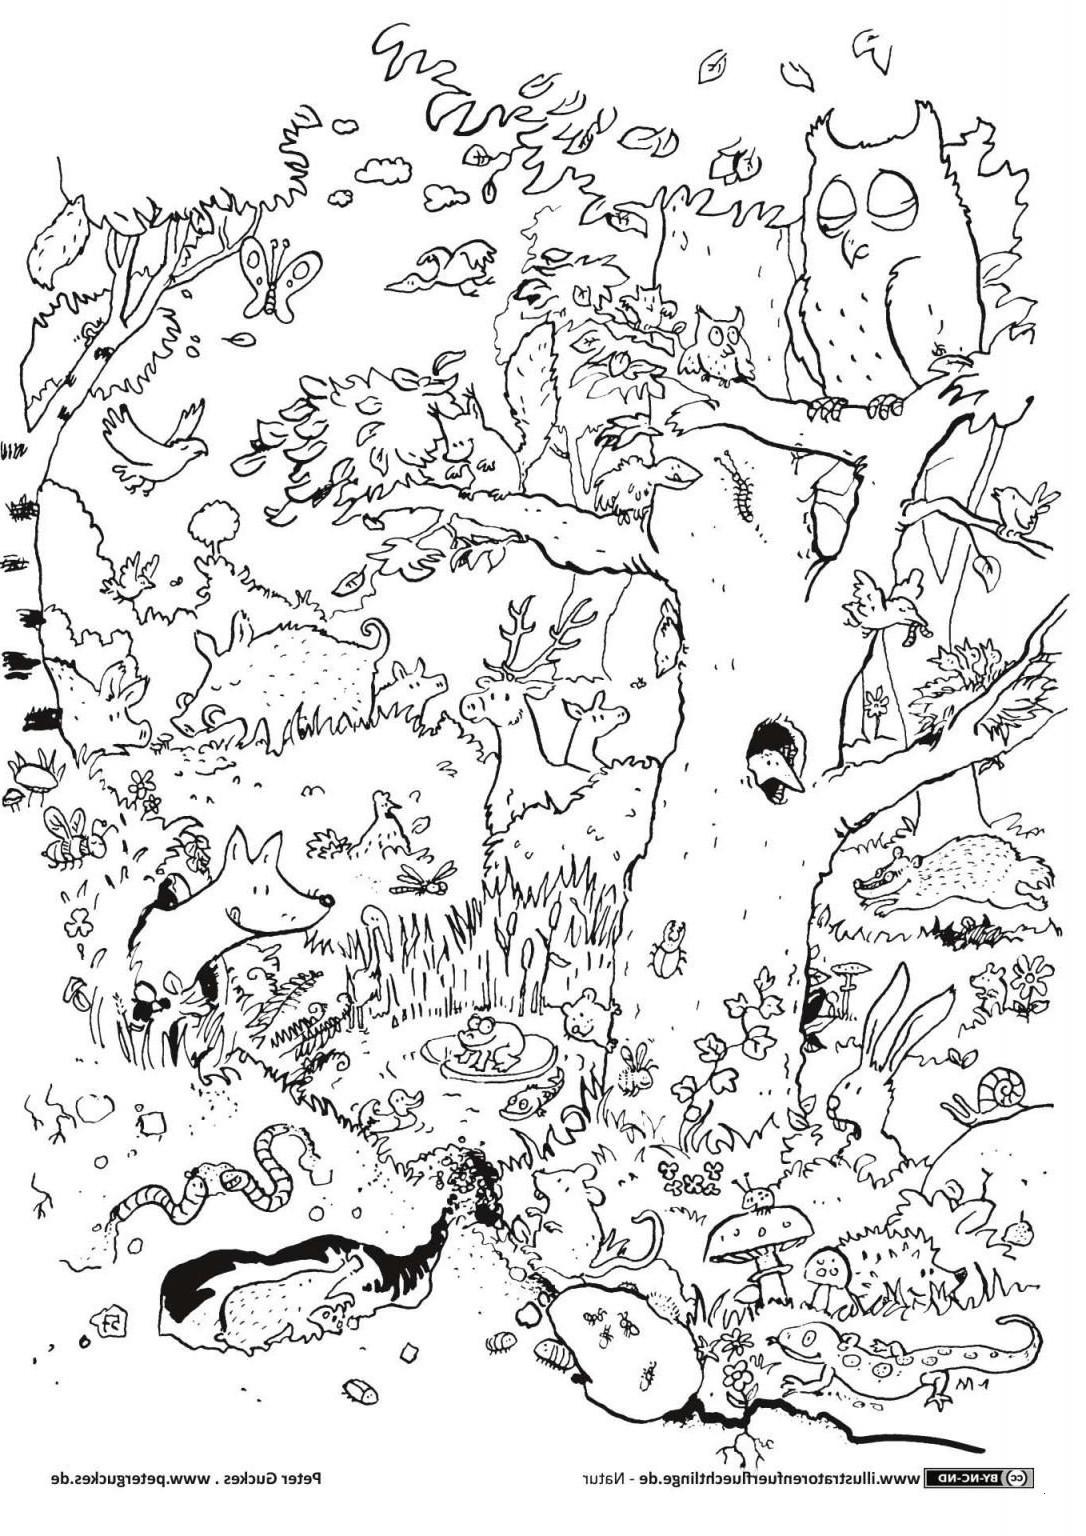 Pokemon Ausmalbilder sonne Und Mond Inspirierend 31 Lecker Pokemon Ausmalbilder Evoli – Große Coloring Page Sammlung Bilder